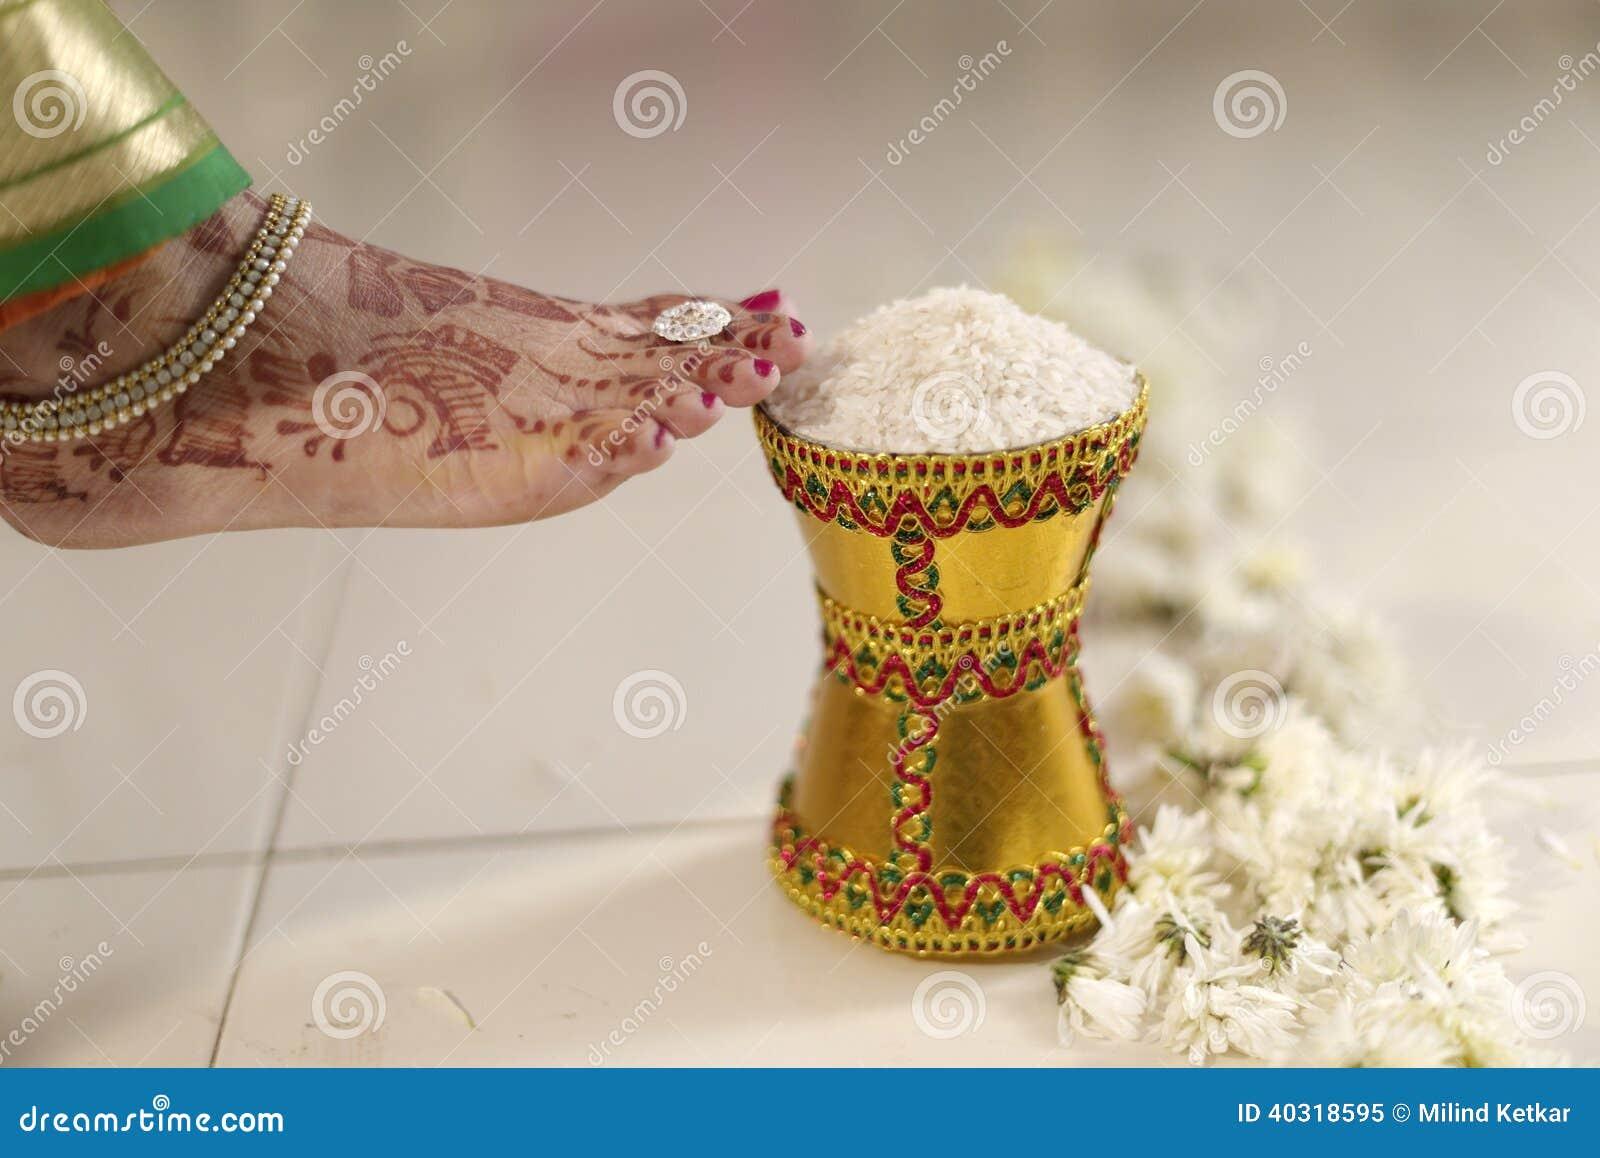 Дом входя в groom индийской индусской невесты после wedding путем нажатие бака заполнил с рисом с ее ногой.